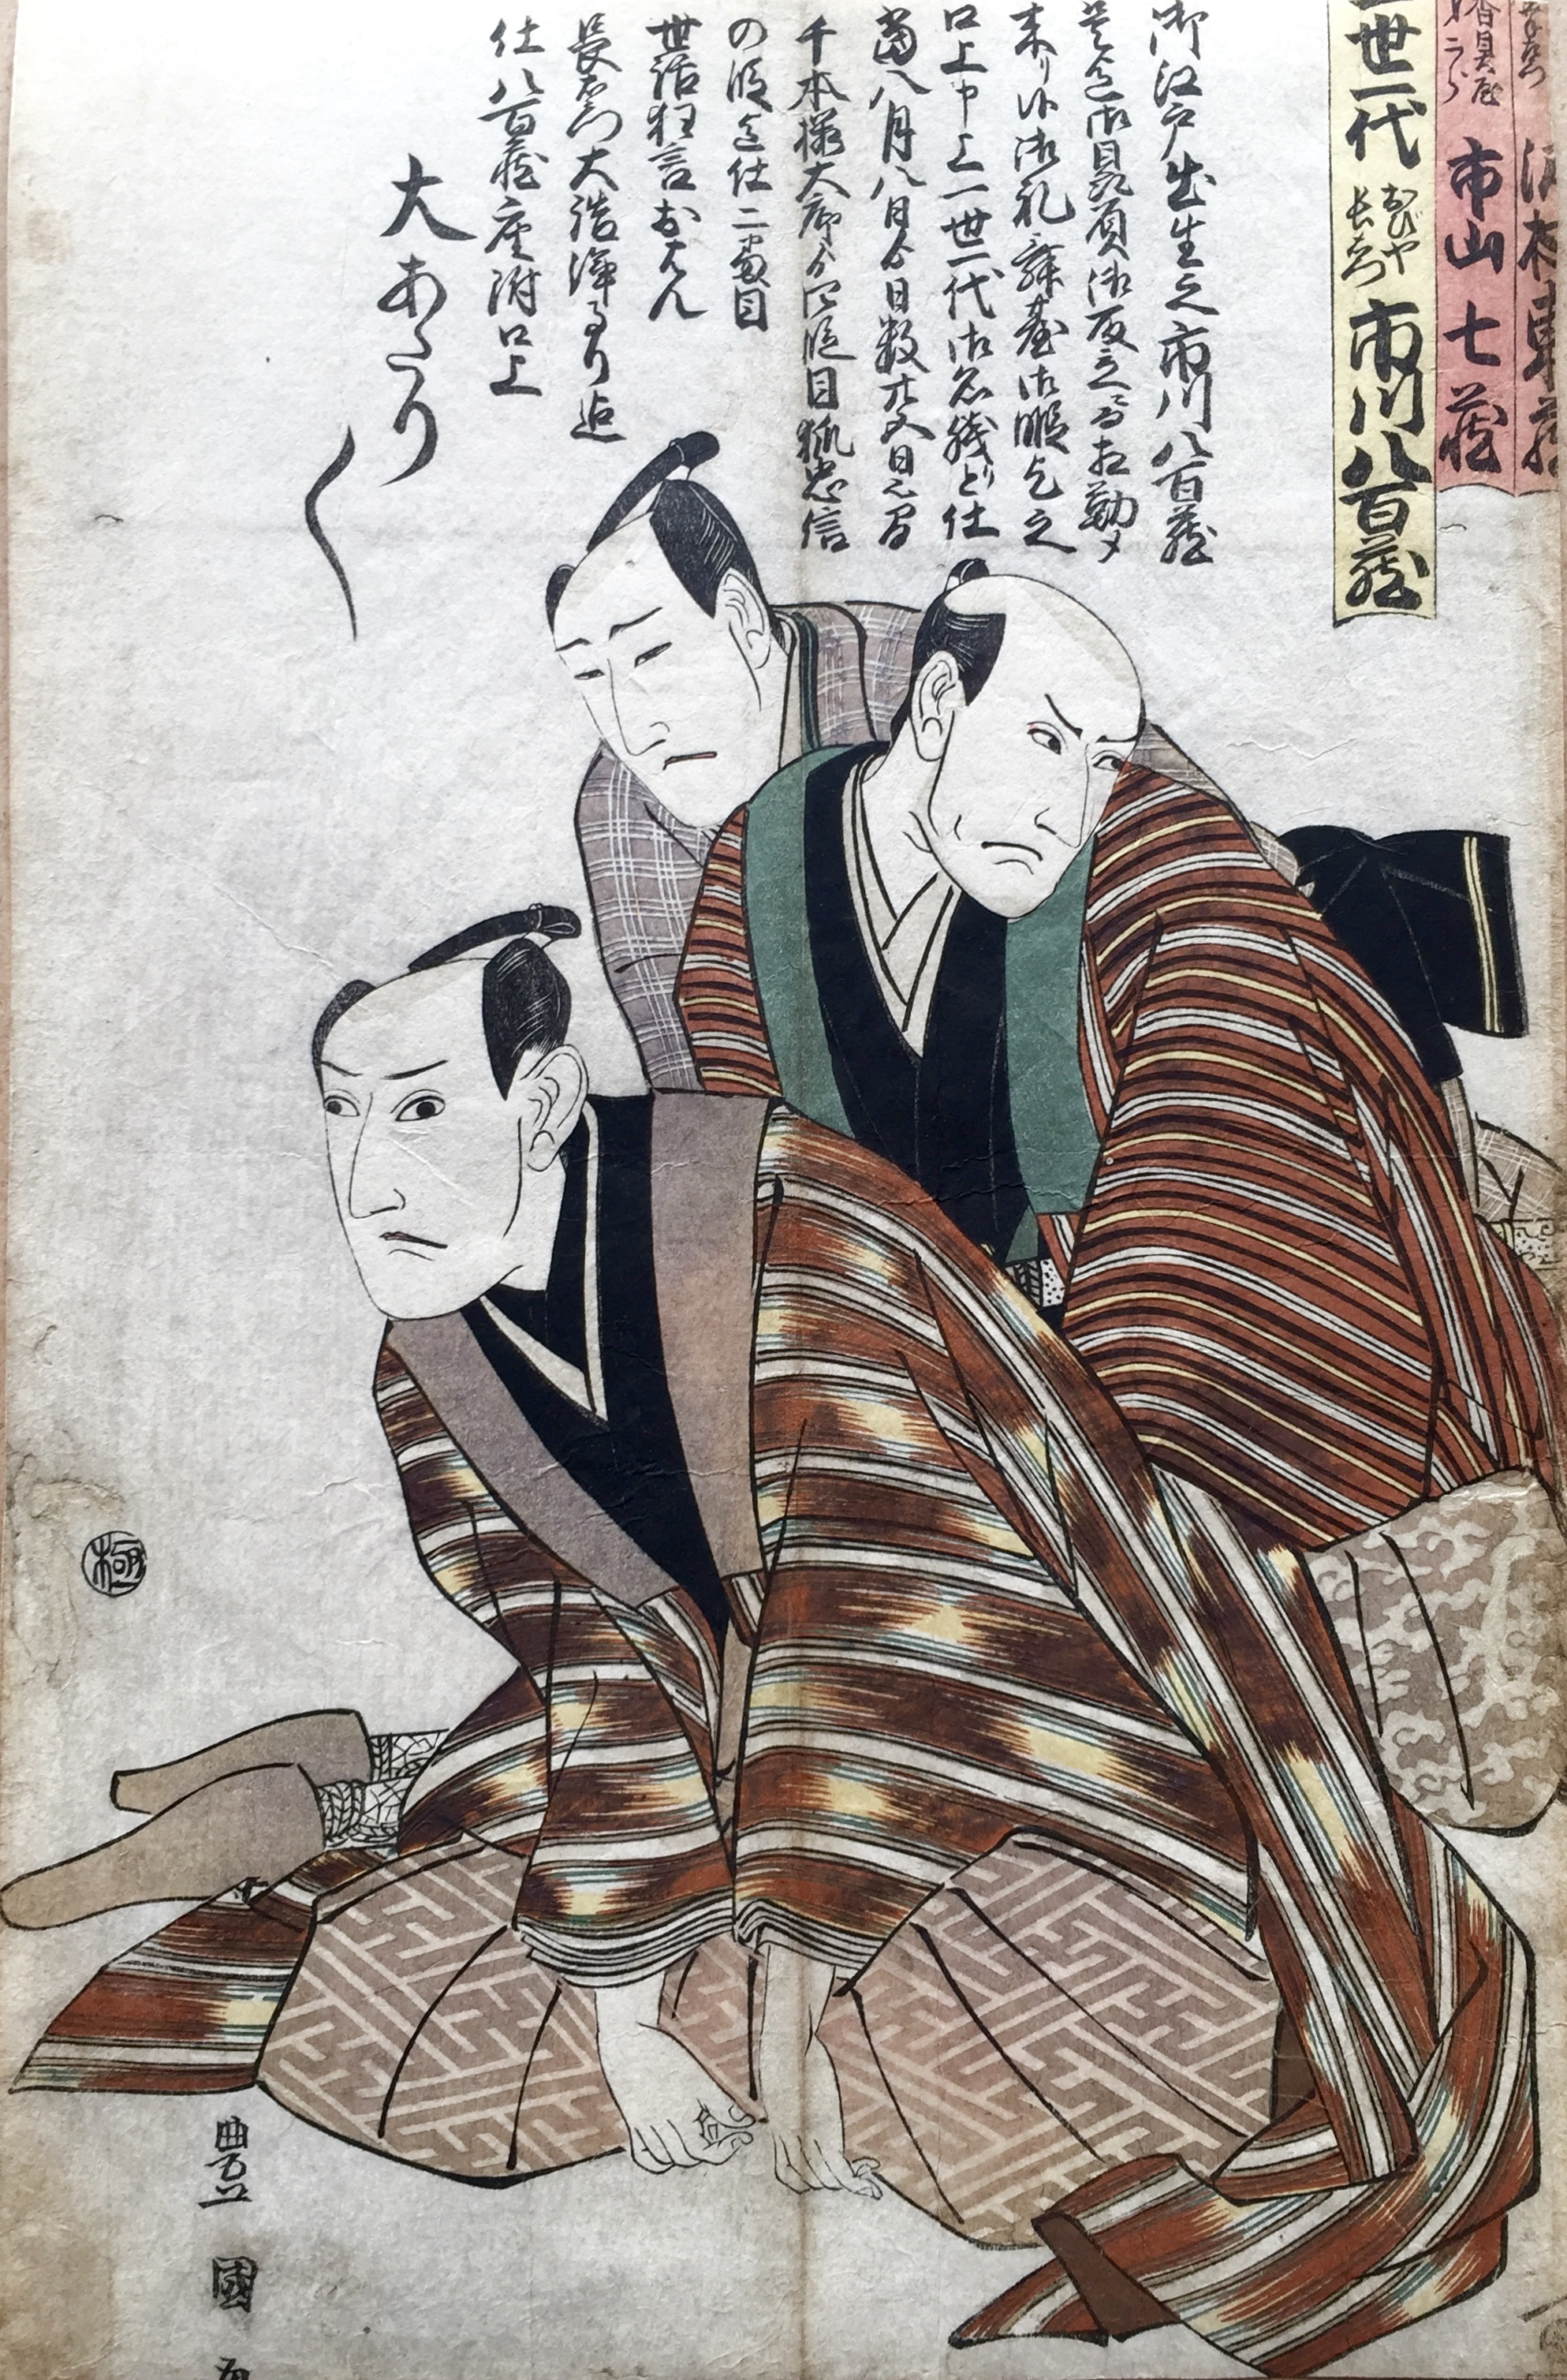 UTAGAWA Toyokuni, dit TOYOKUNI I